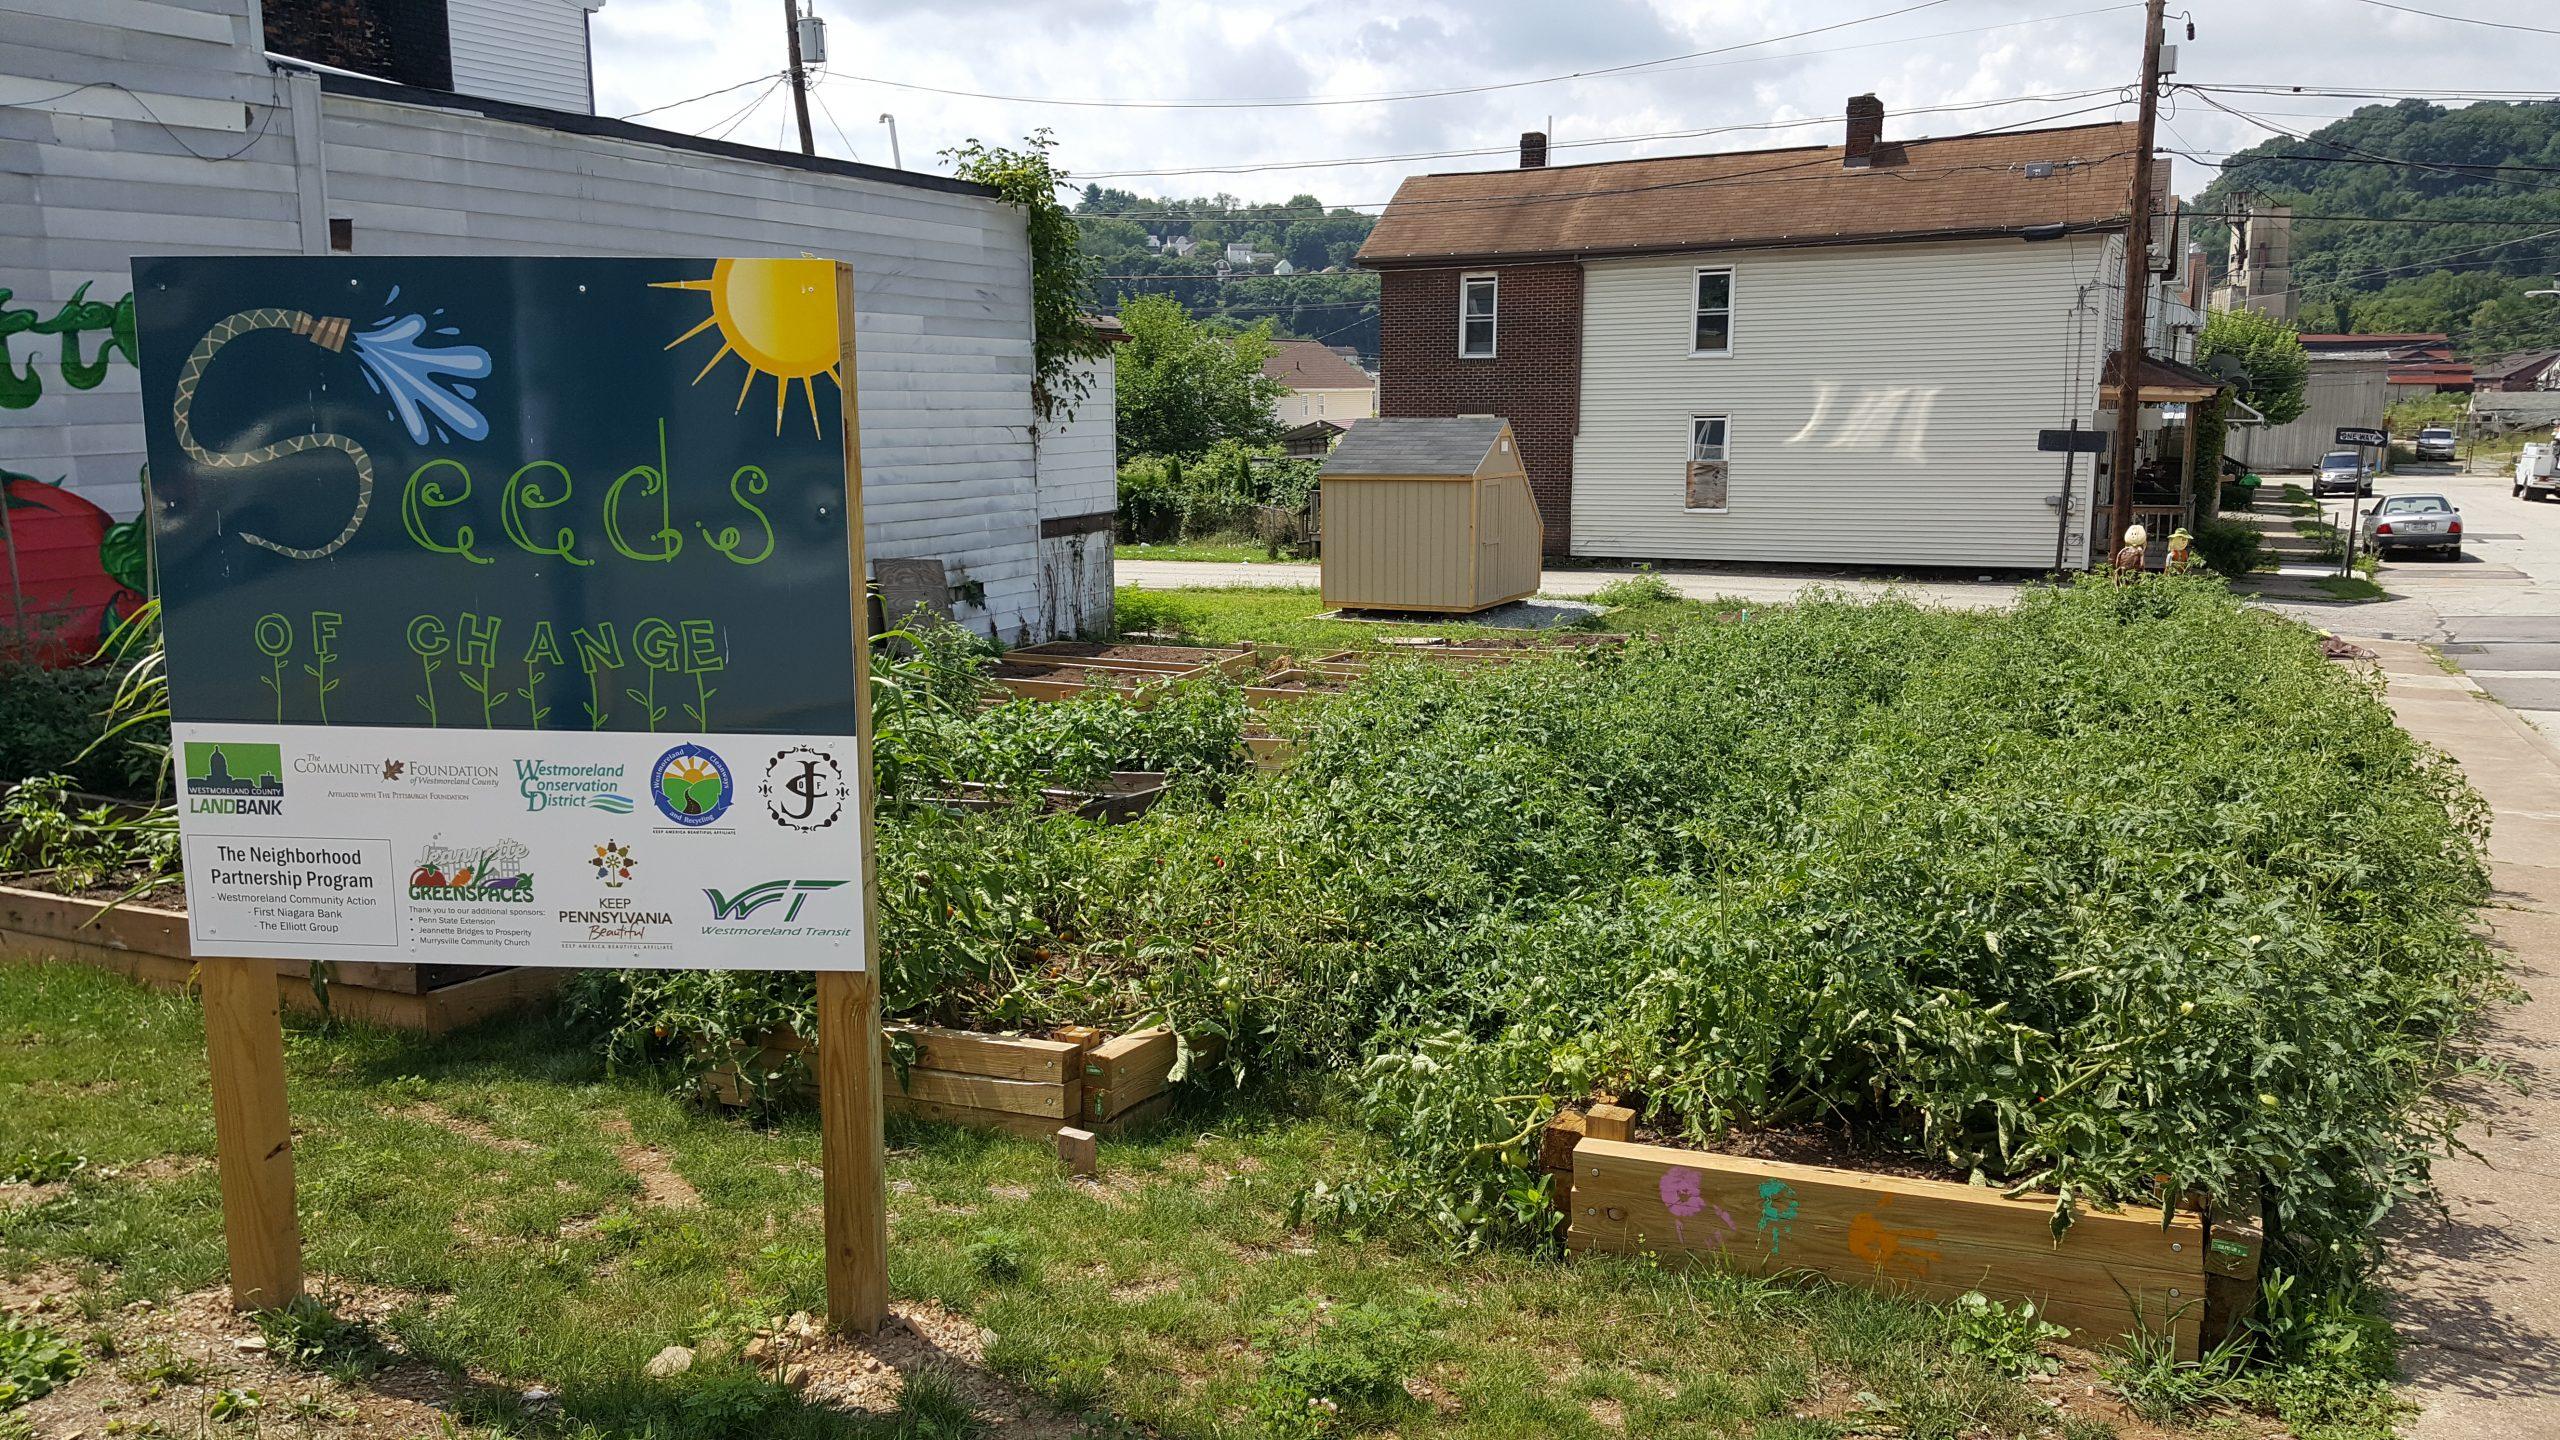 Jeannette Neighborhood Partnership Program (NPP)